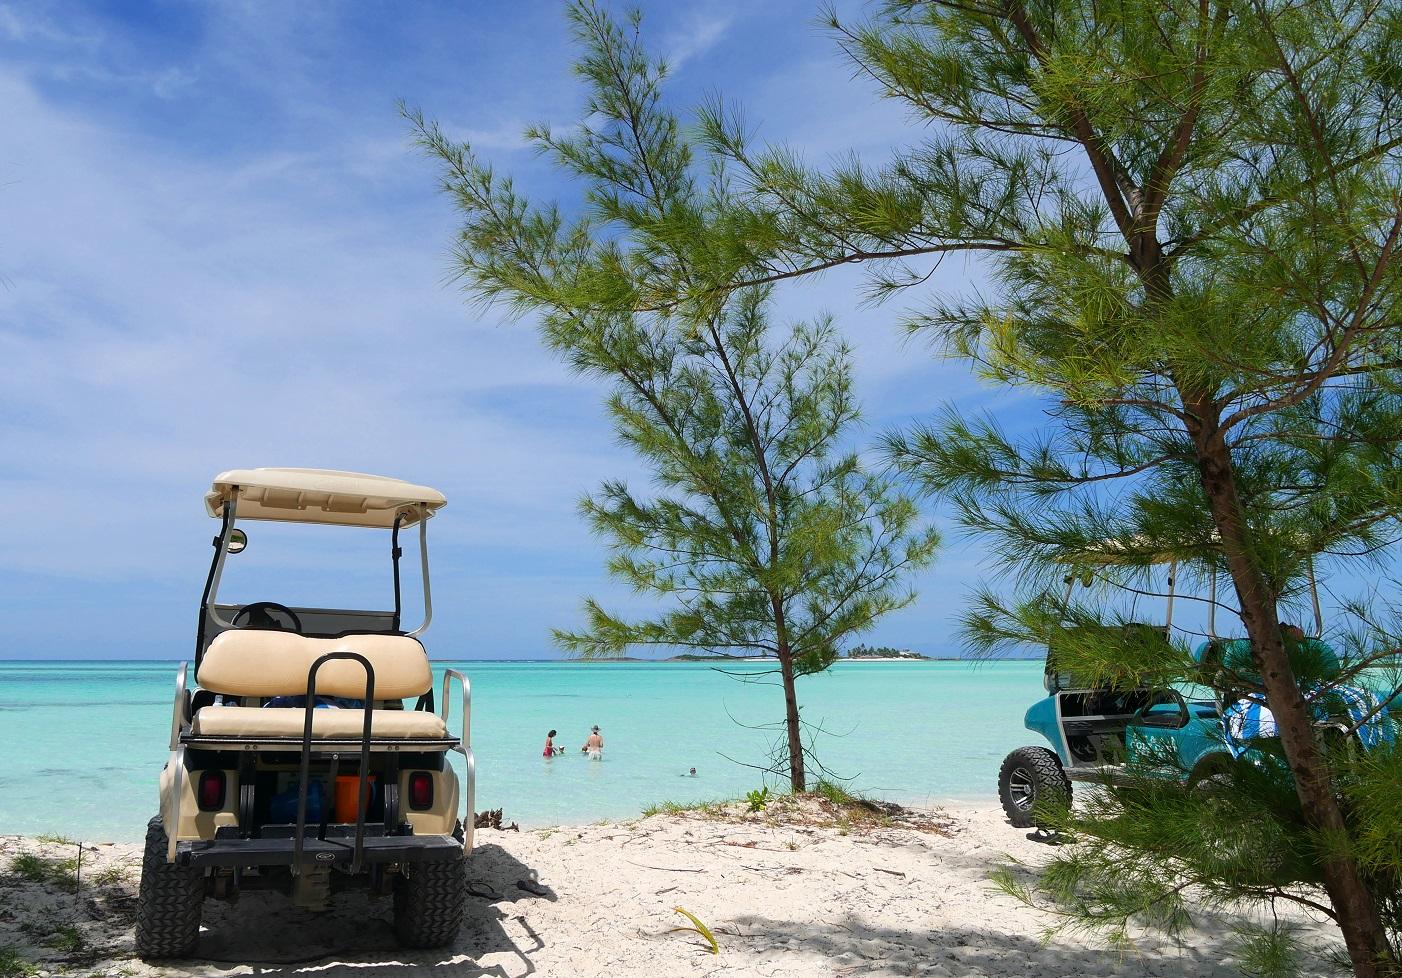 Gillam Bay, Green Turtle Cay, Abaco, Bahamas